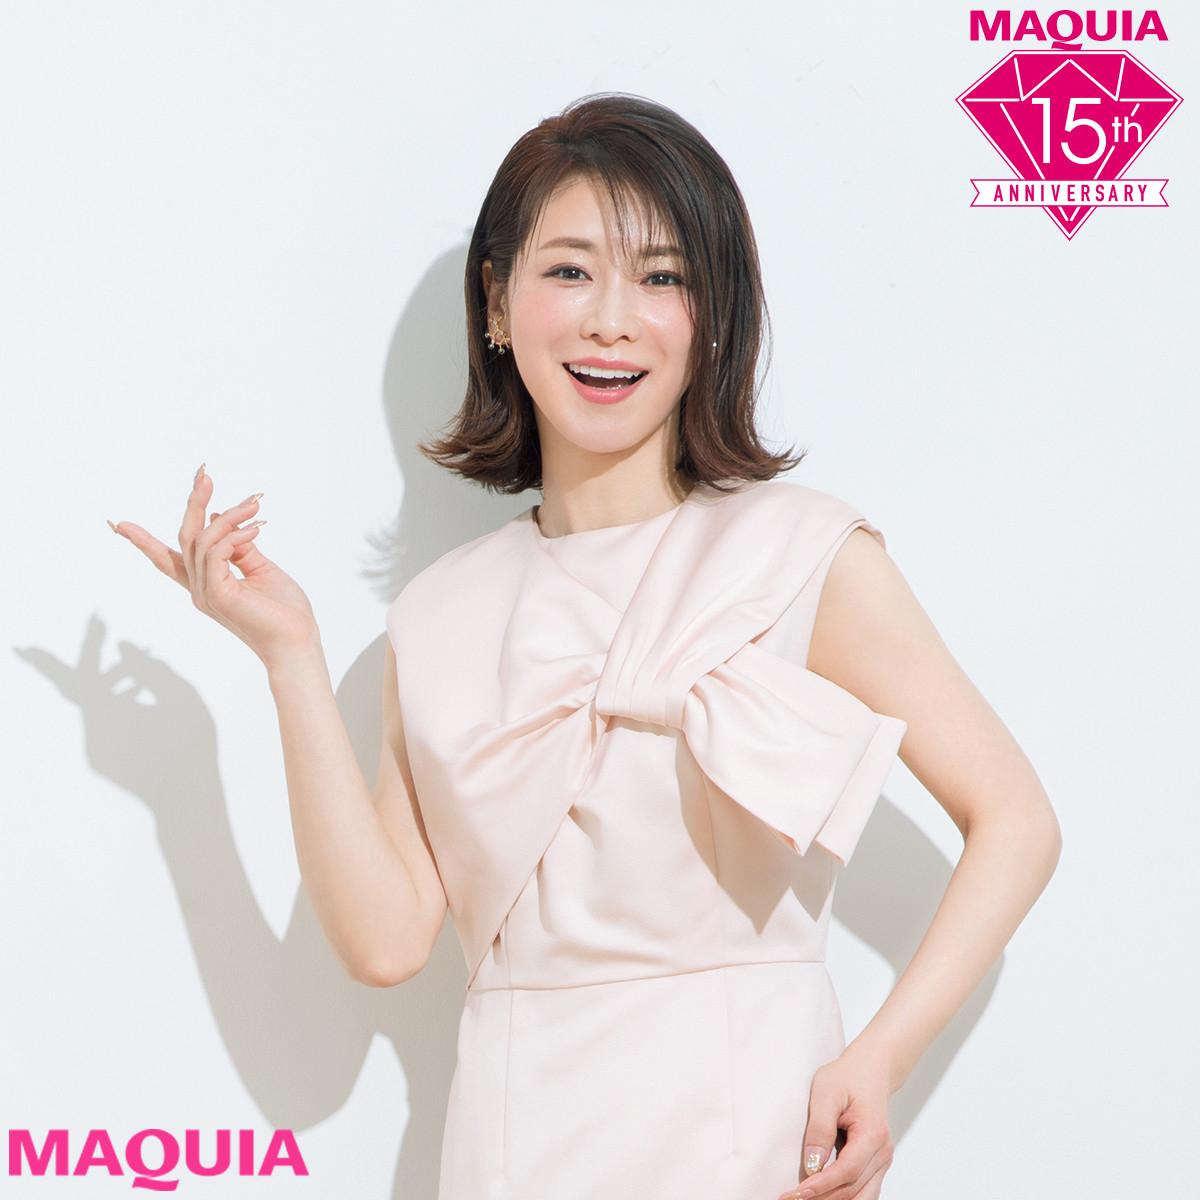 水谷雅子さんが厳選! 驚きのマイナス15歳肌を支えるエイジングケアベスコス3品